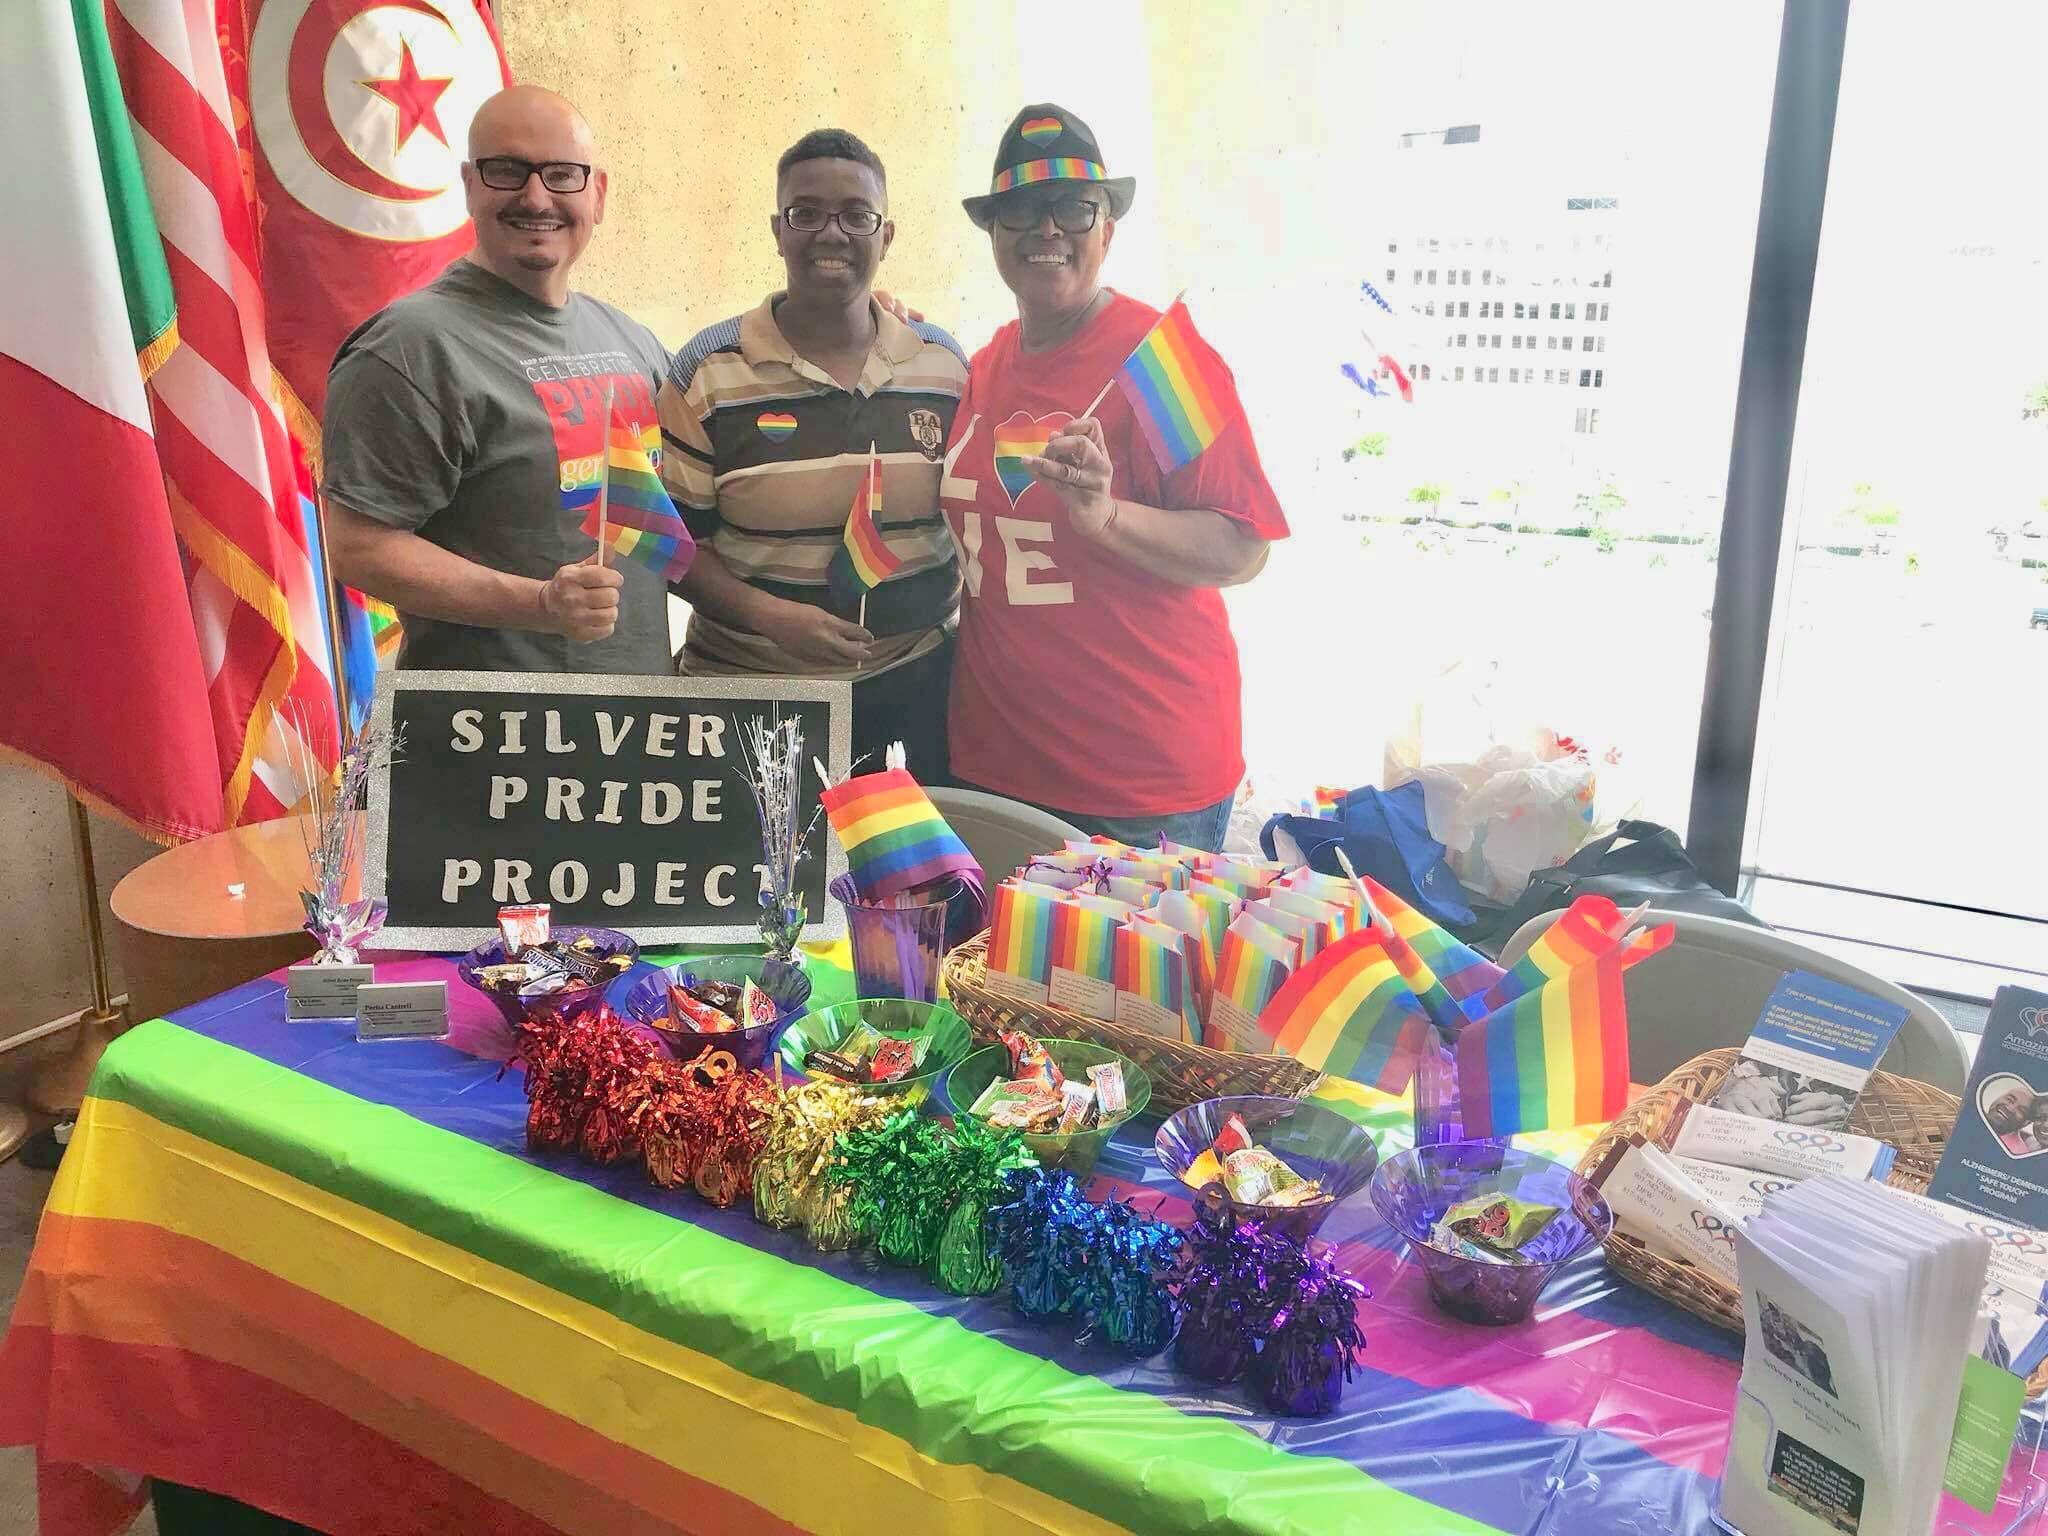 Silver Pride Project representing at Dallas City Hall